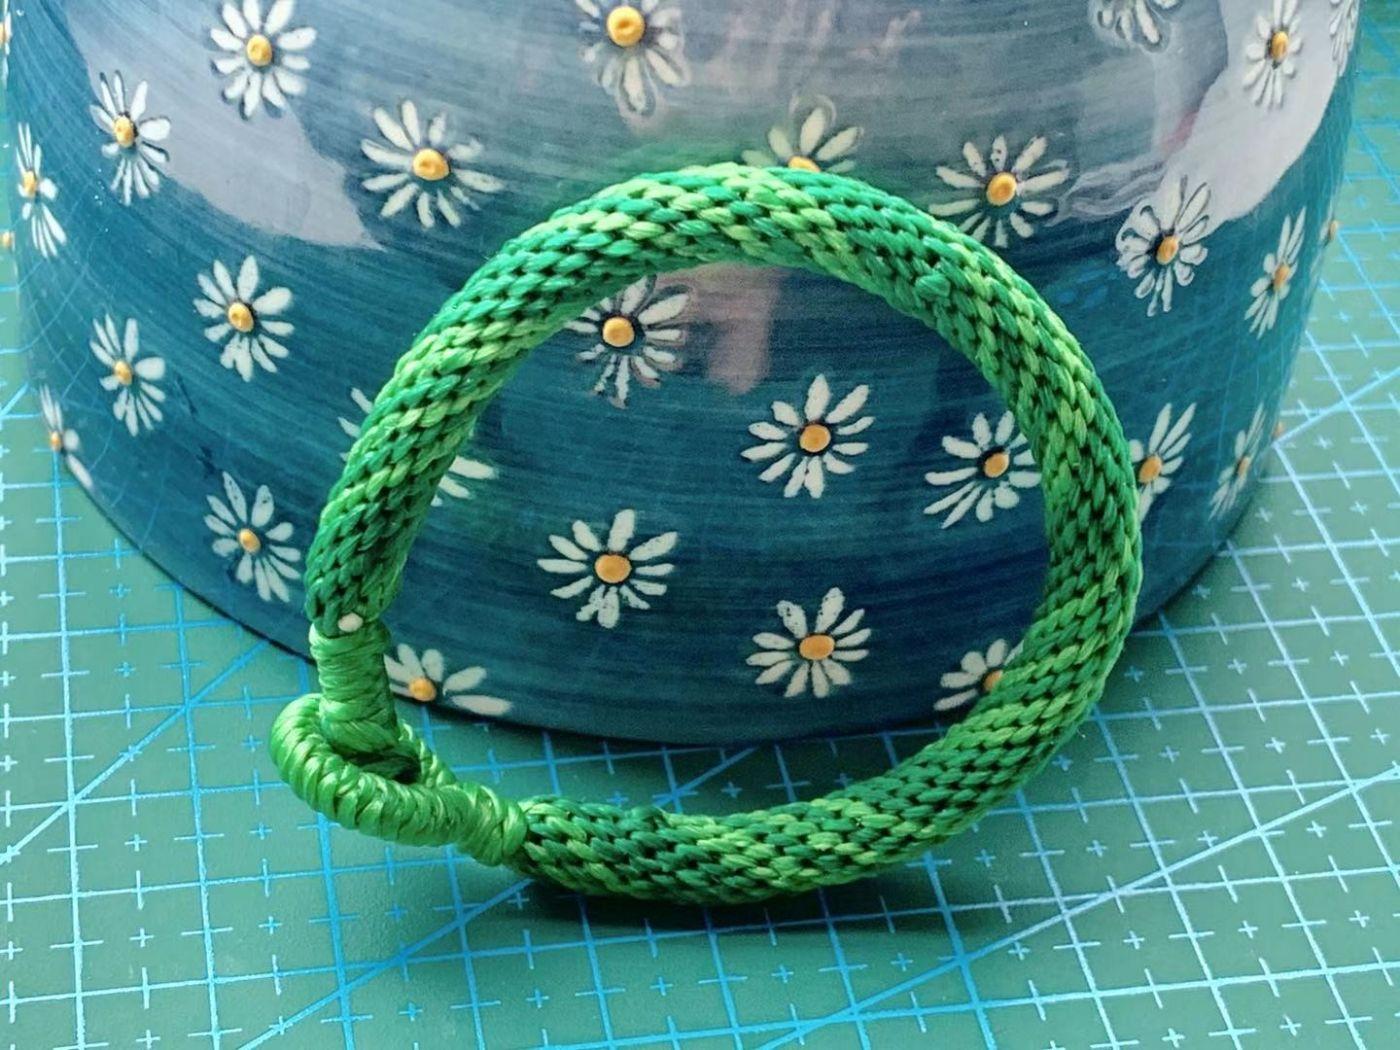 中秋结绳(轮回手绳)鲜亮的绿色是不是感觉很有活力?_图1-5